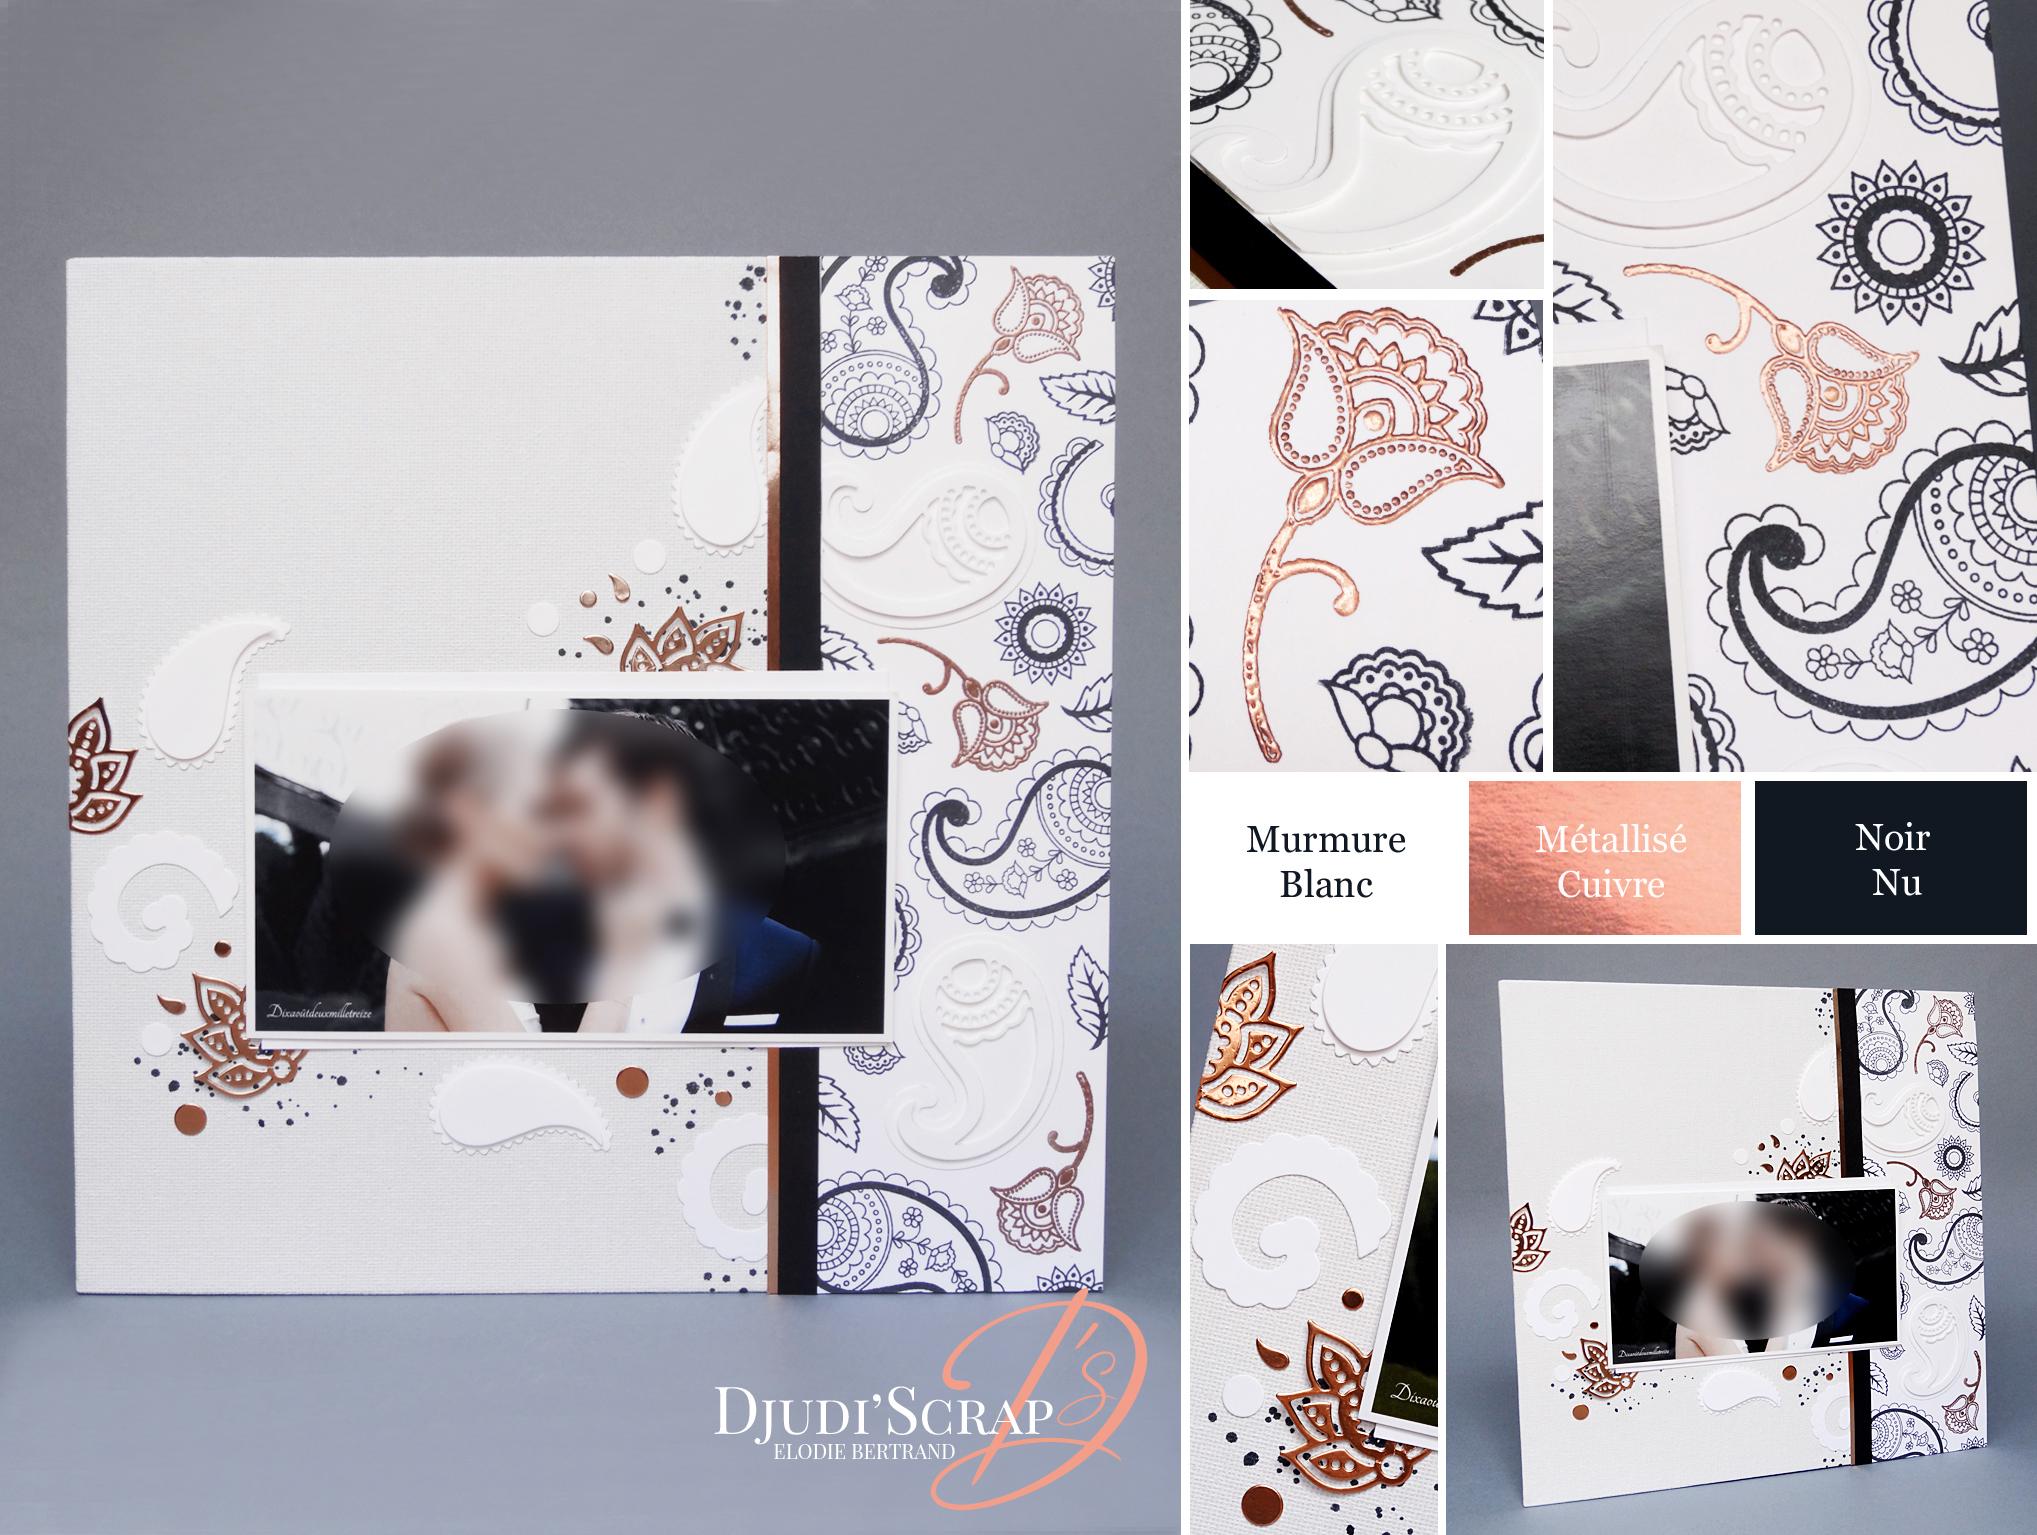 djudiscrap-_-2016-09-20blog